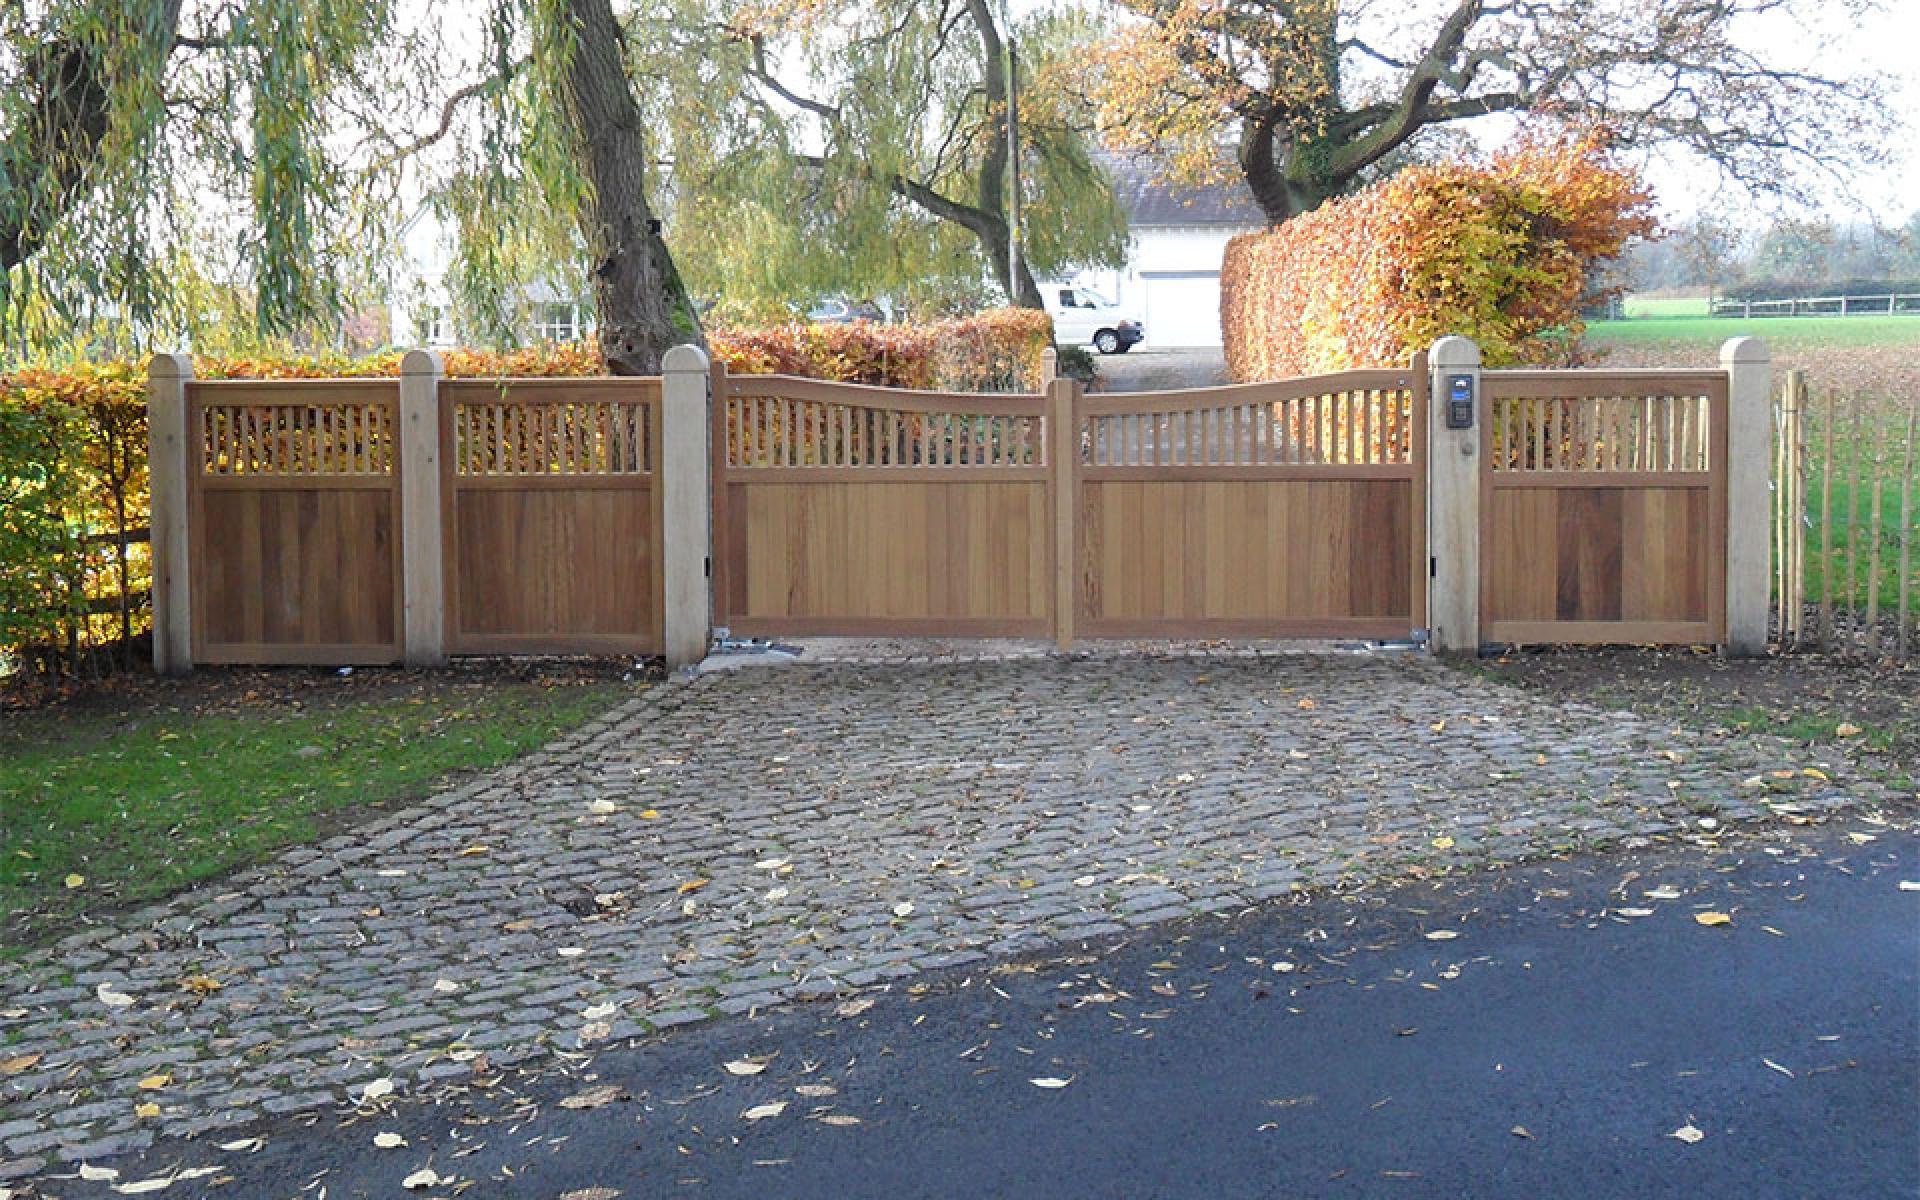 Alderley Edge & pedestrian wooden gate (Courtesy of Automation Gates)